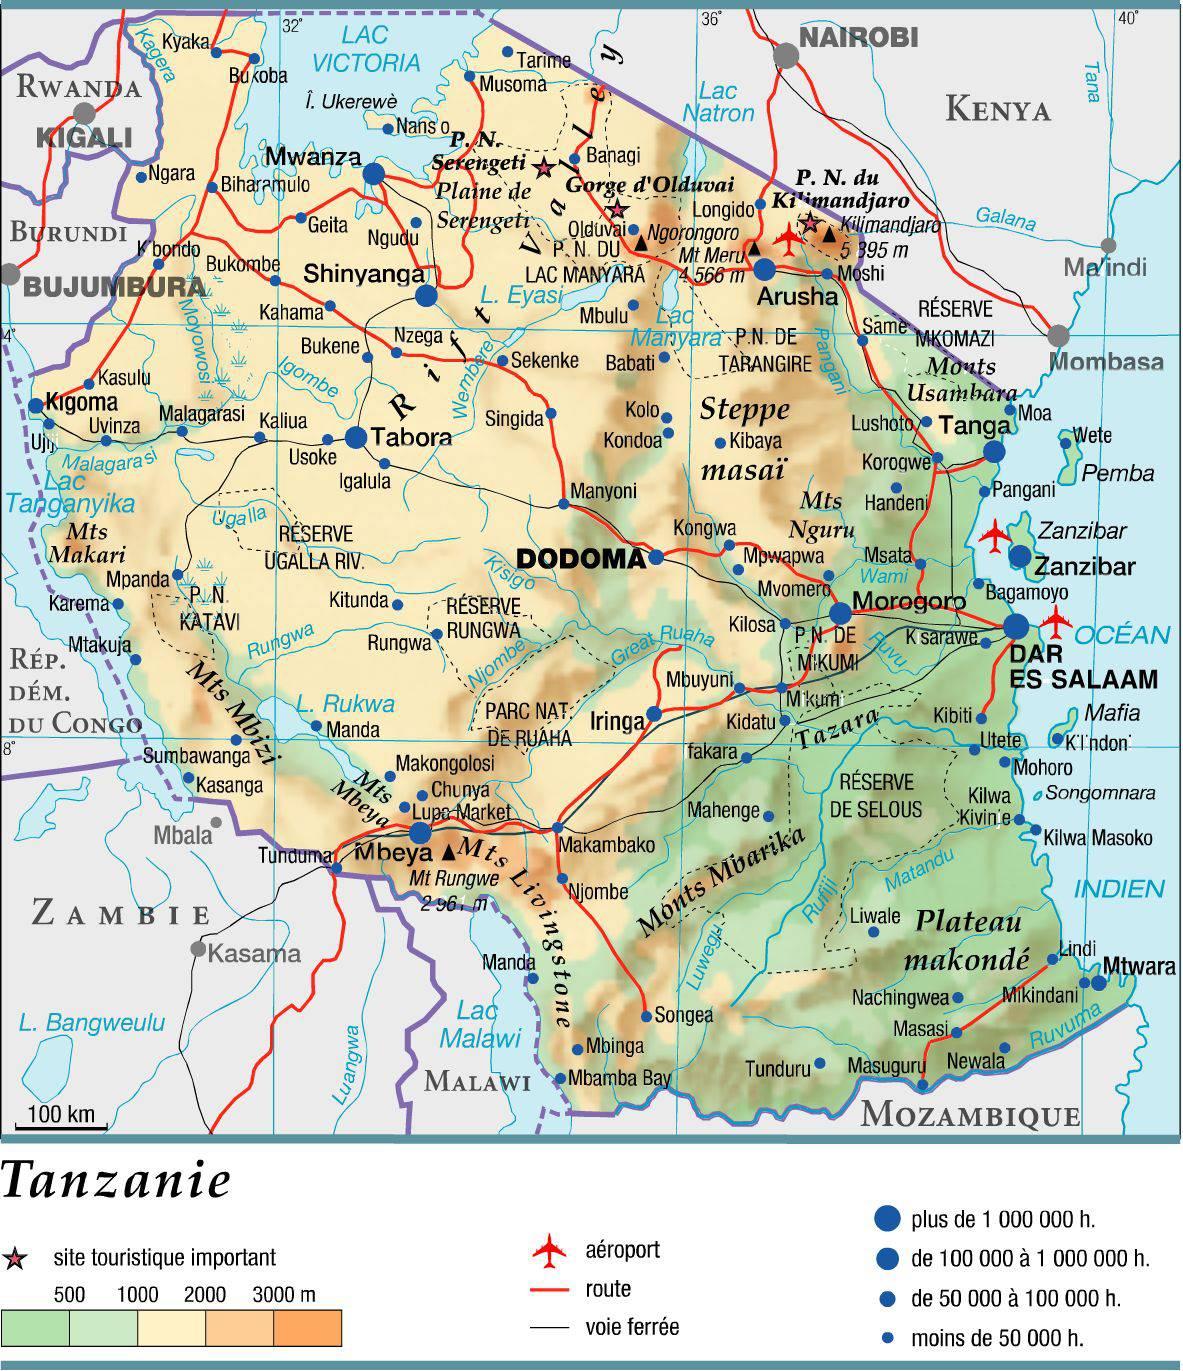 Carte de la Tanzanie